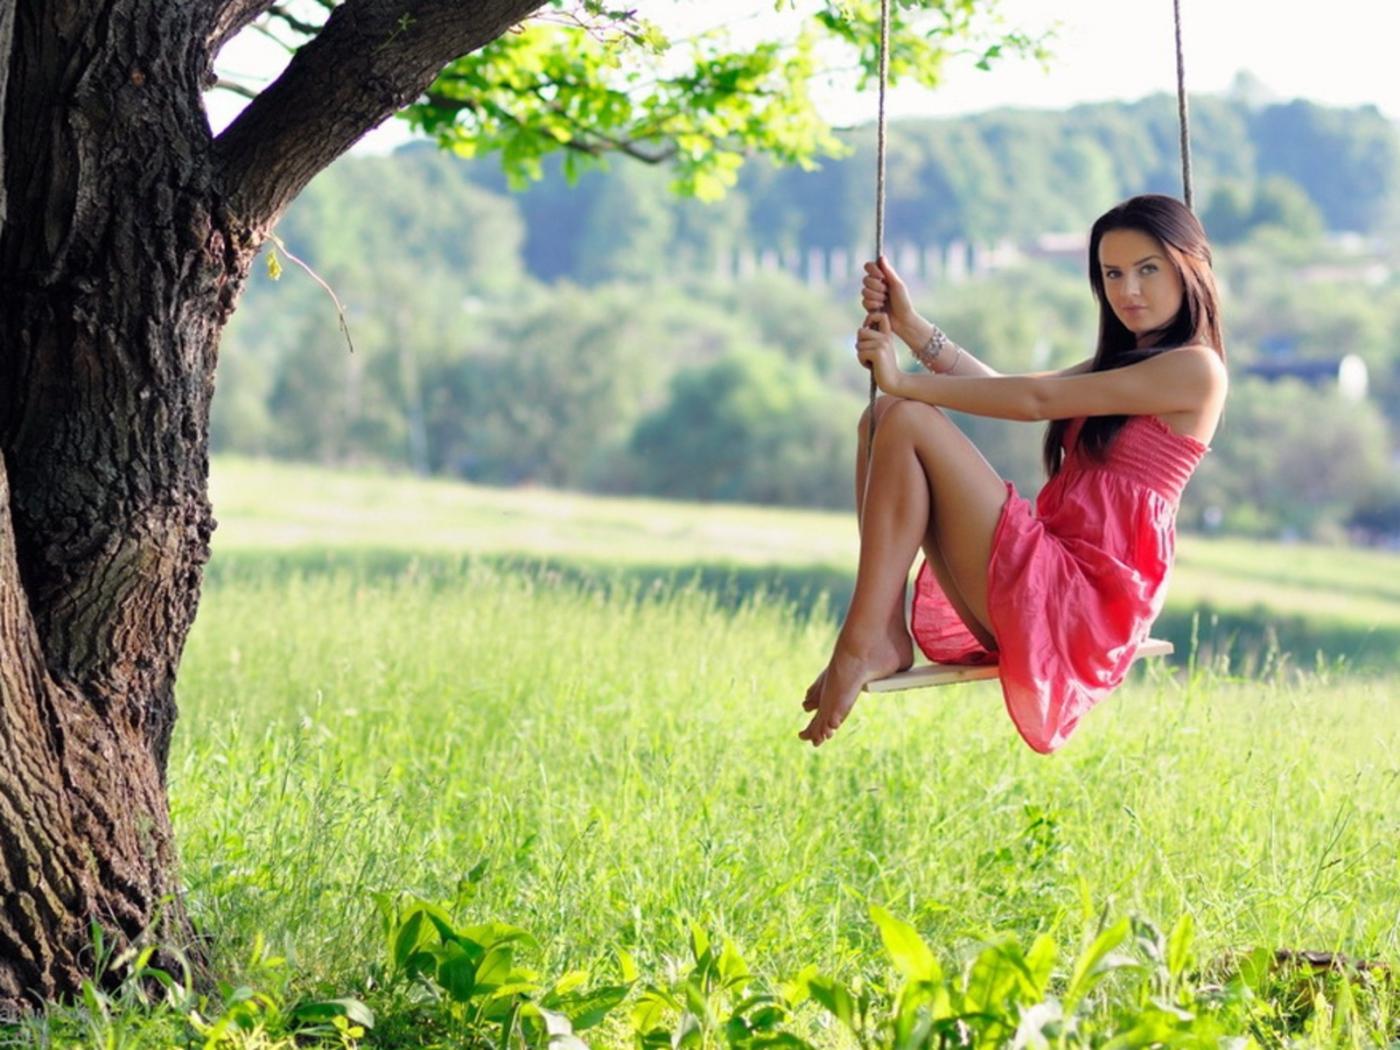 Качели на дереве с девушкой фото